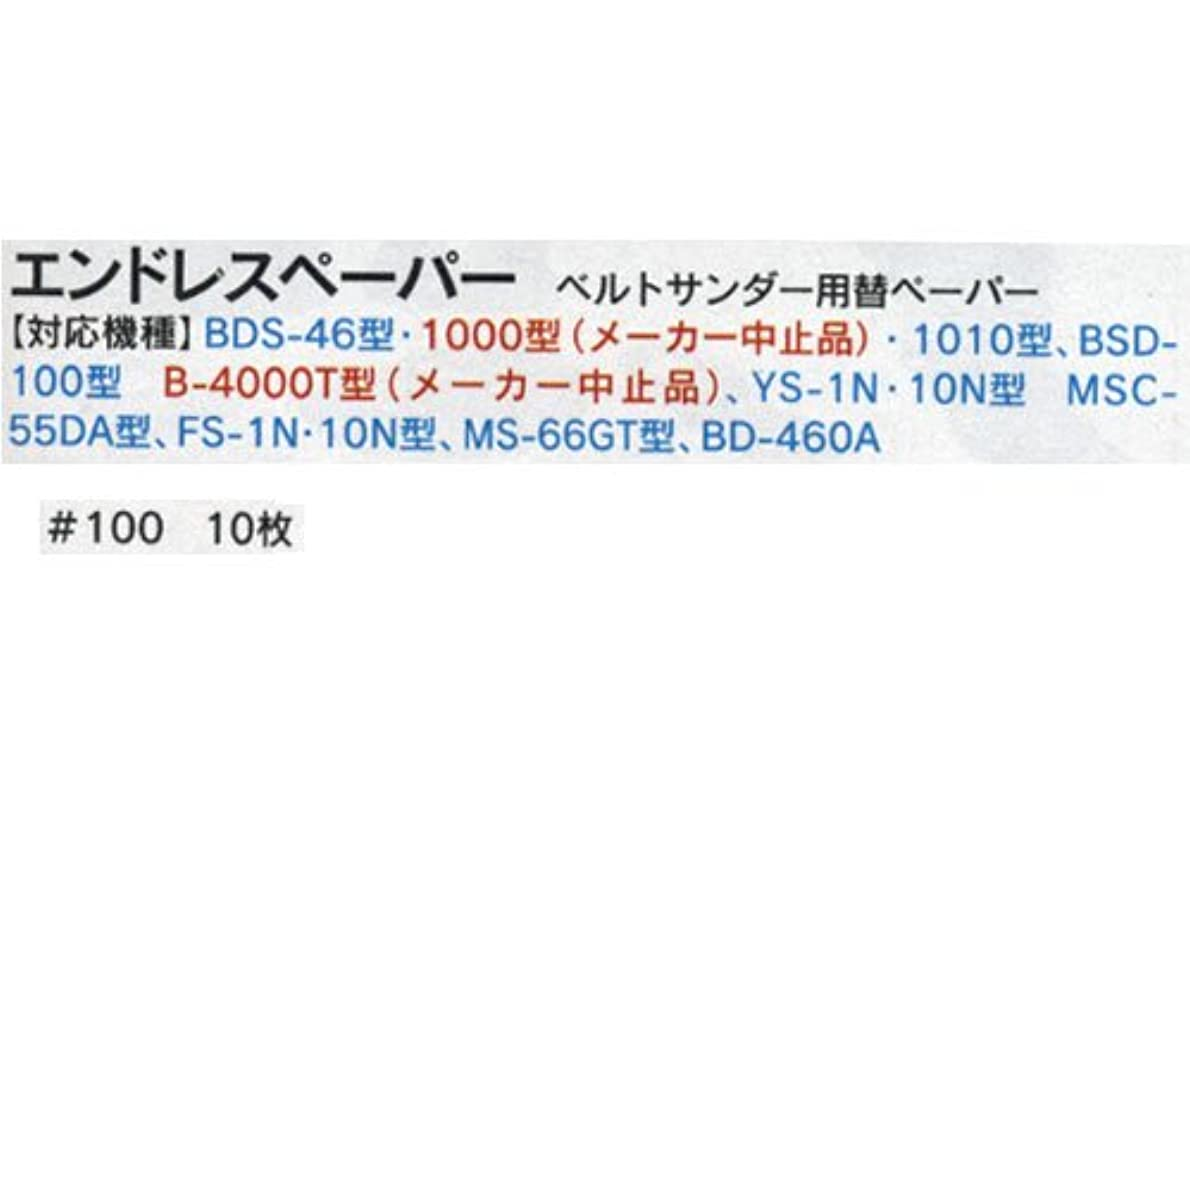 しかしびん新しい意味サンドベルトX871SCA 100X915 A100 10本入 B11-0470